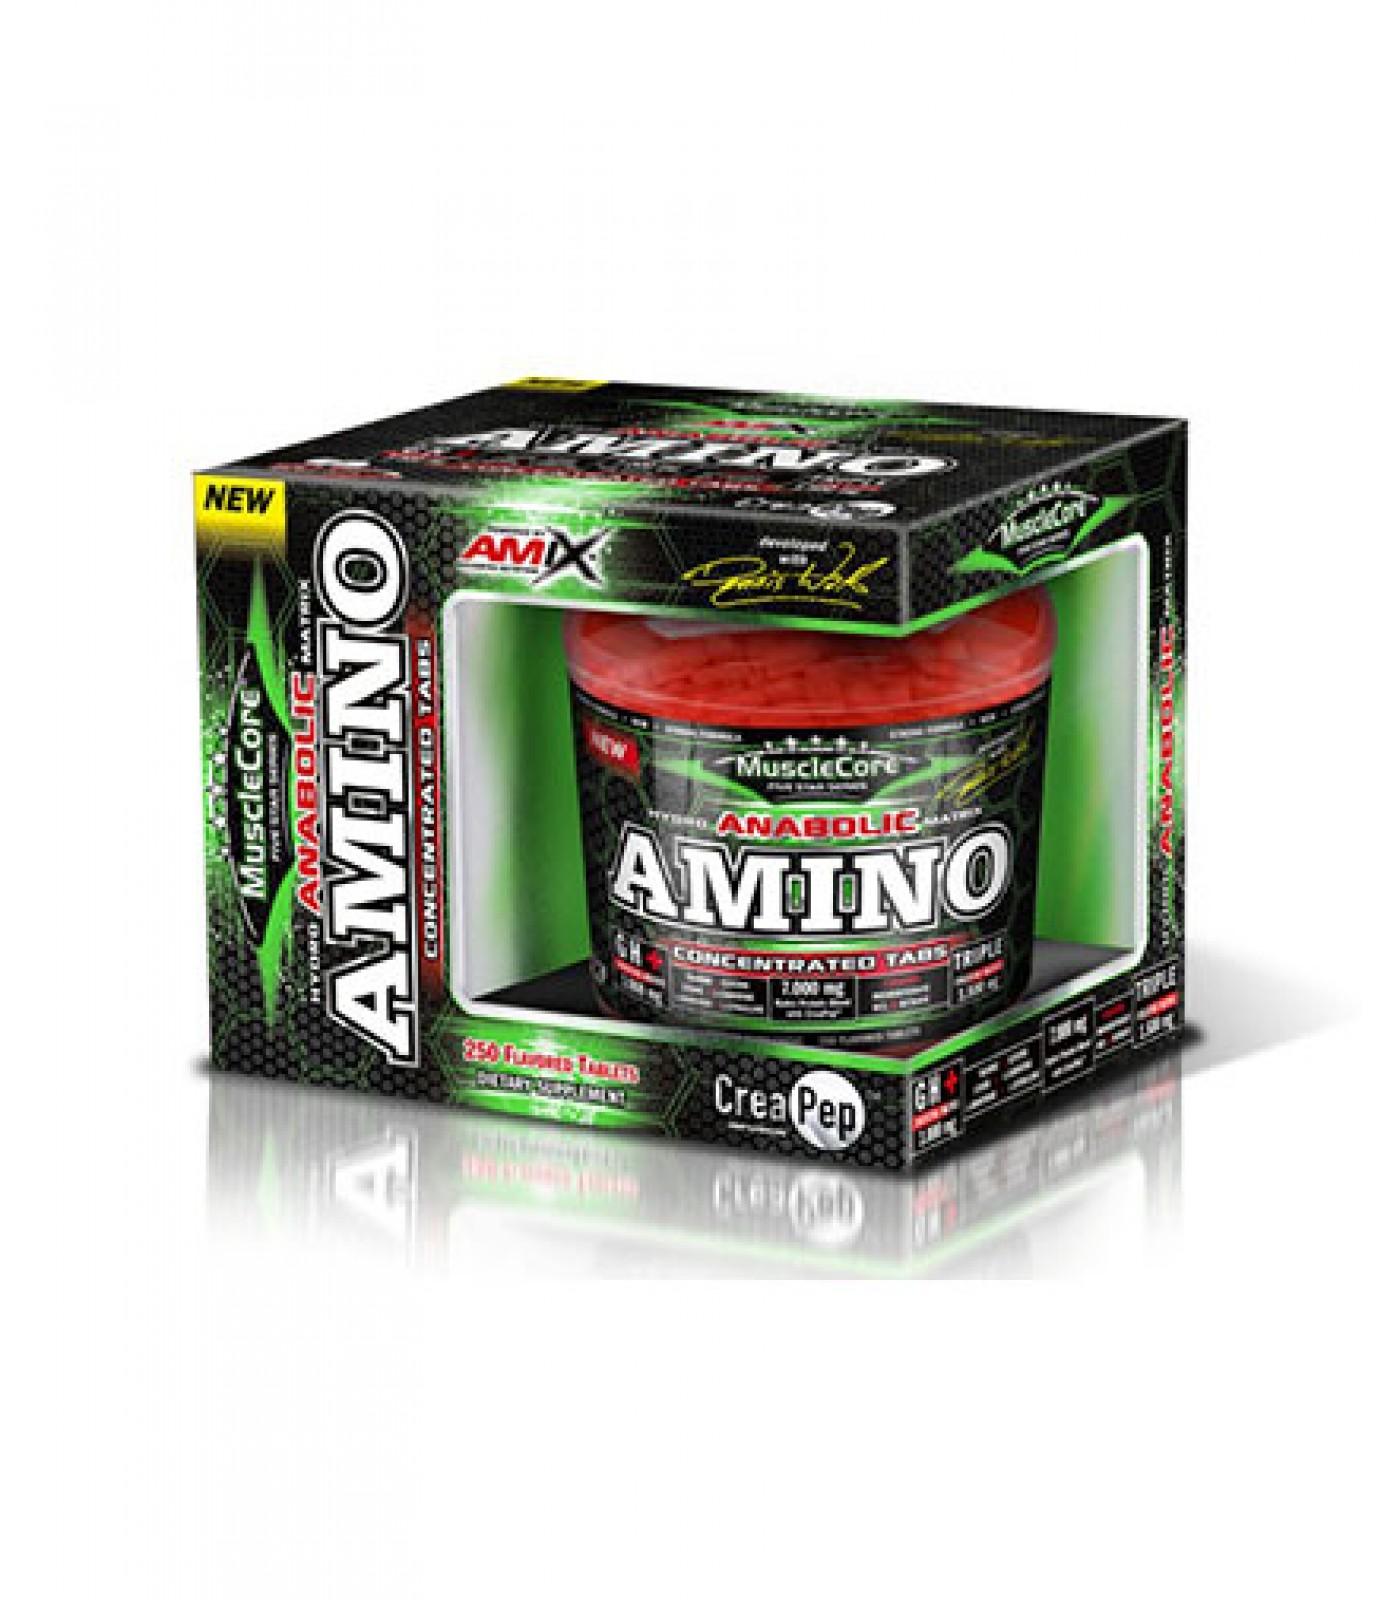 Amix - Anabolic Amino with CreaPep / 250tabs.